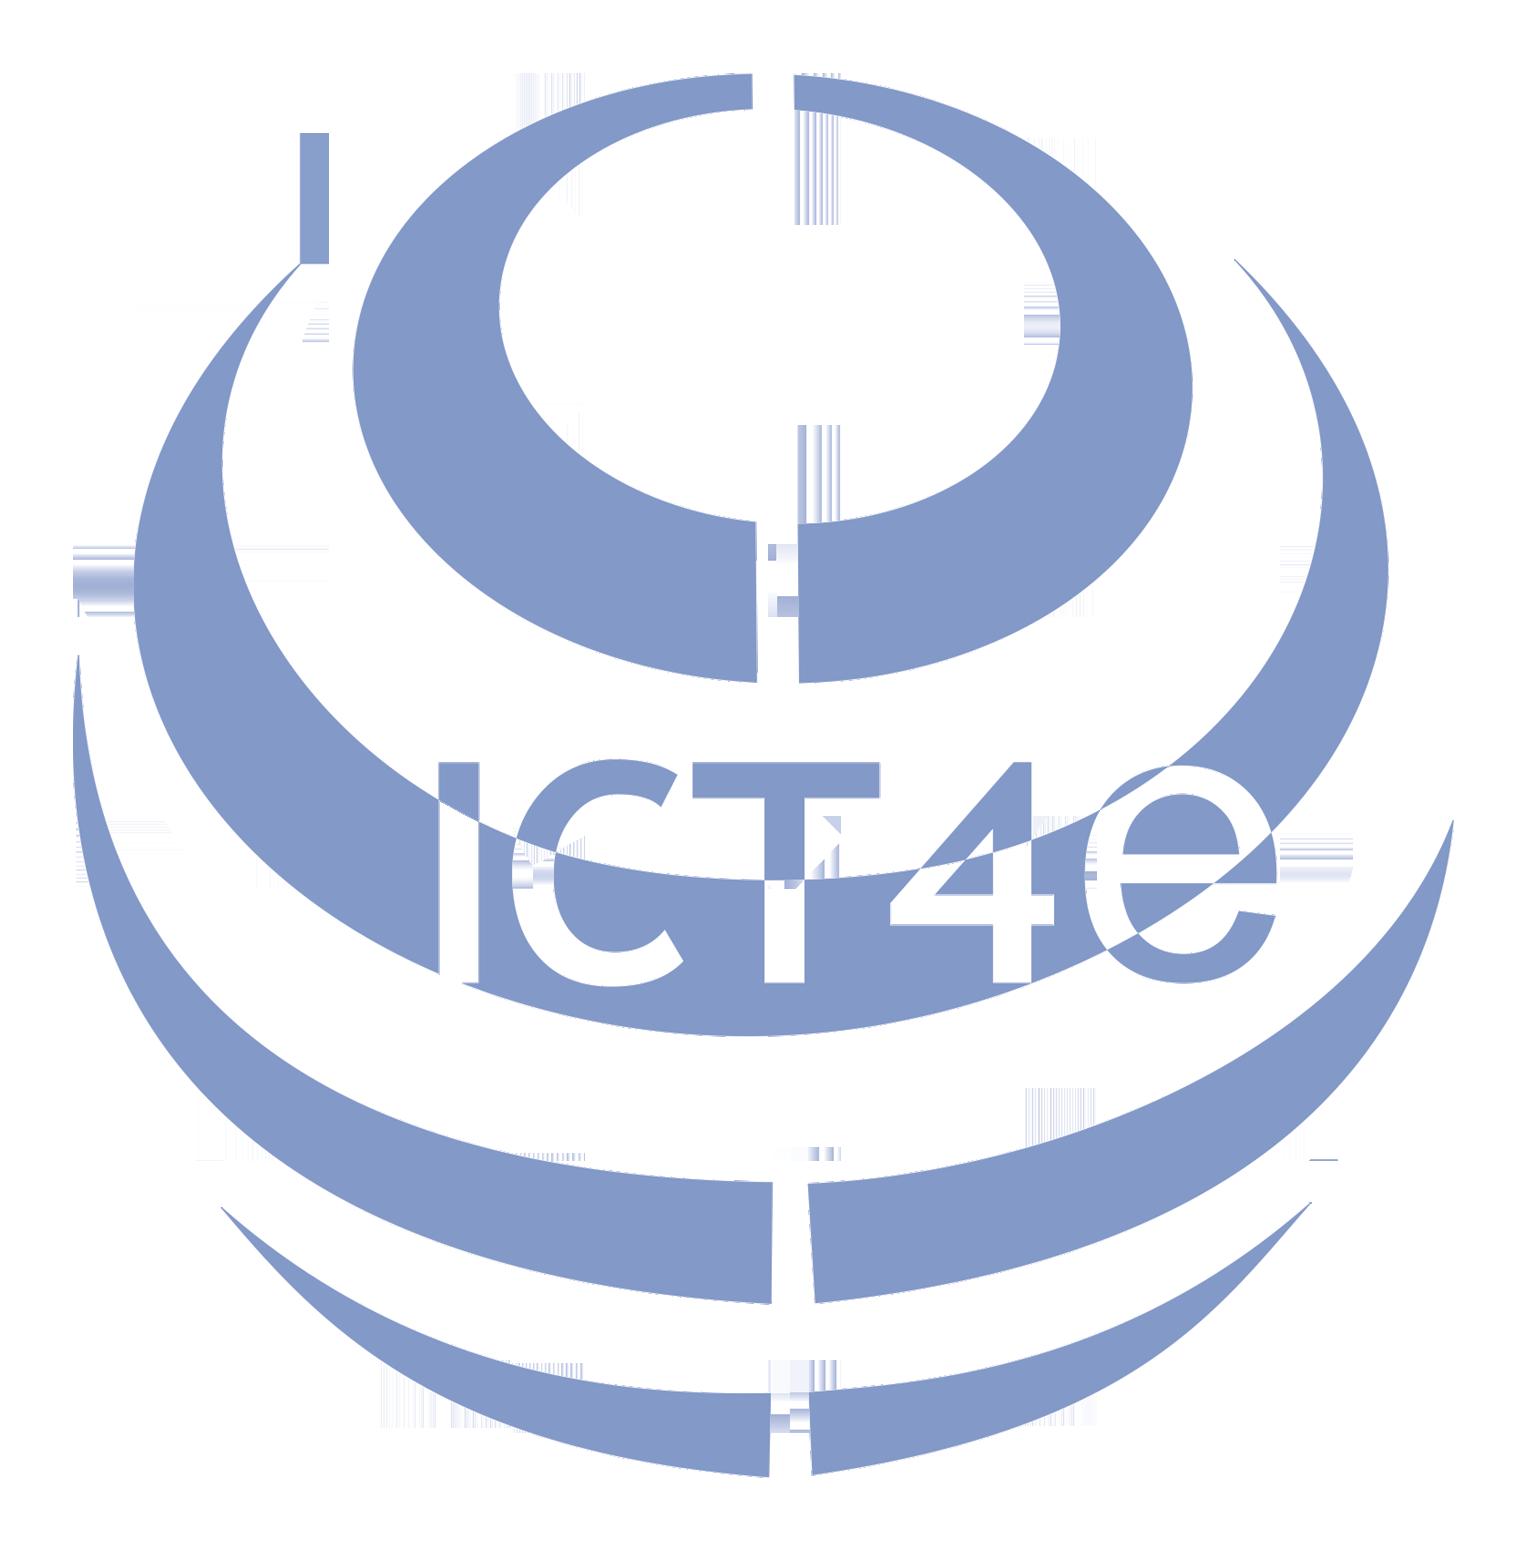 ICT4e